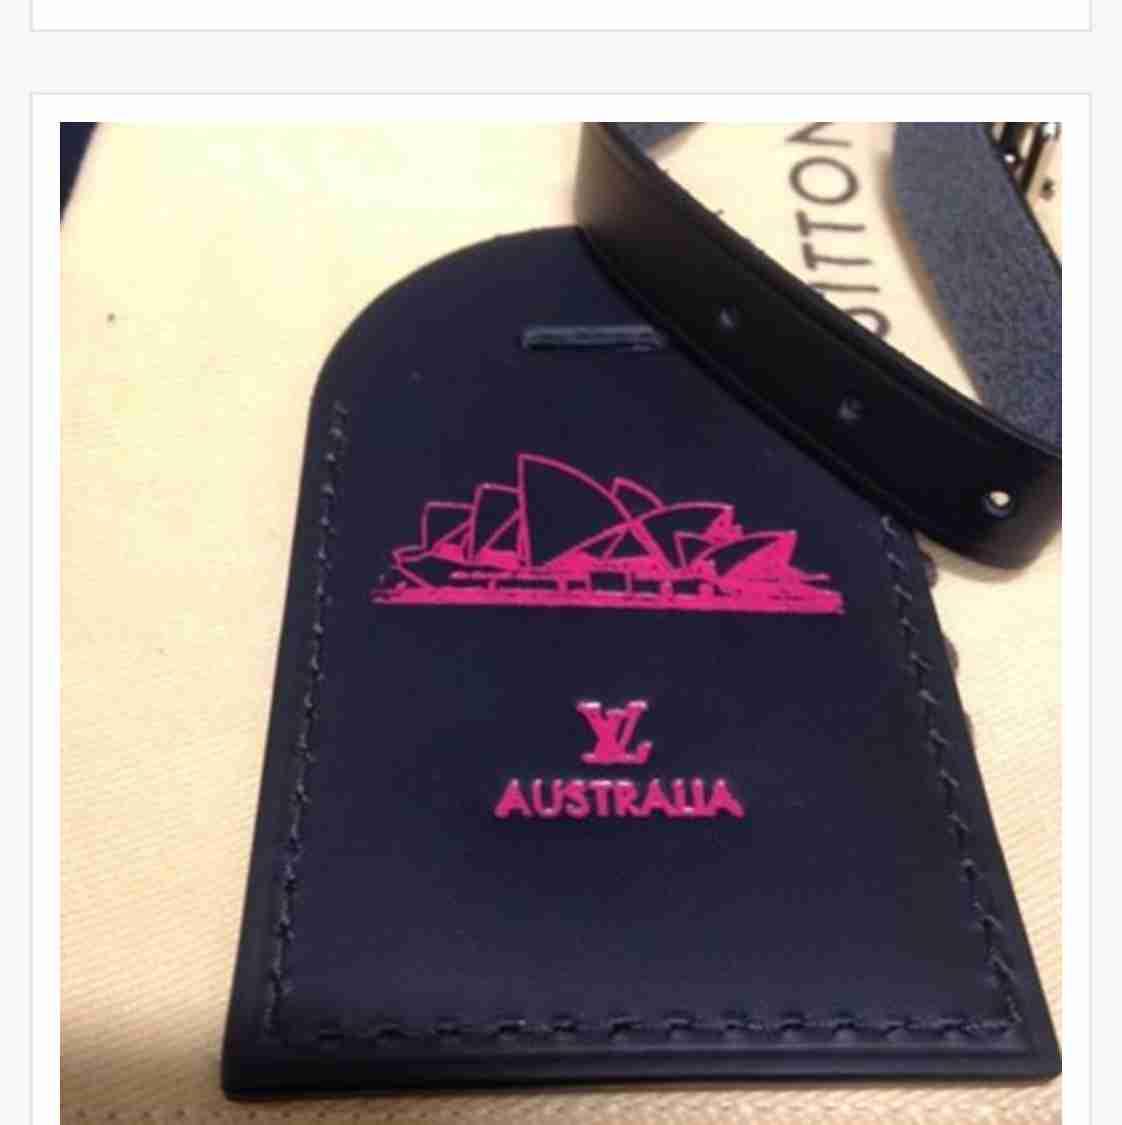 da035df72a3 ShopandBox - Buy Louis Vuitton Luggage Tag with Sydney Opera Hot ...